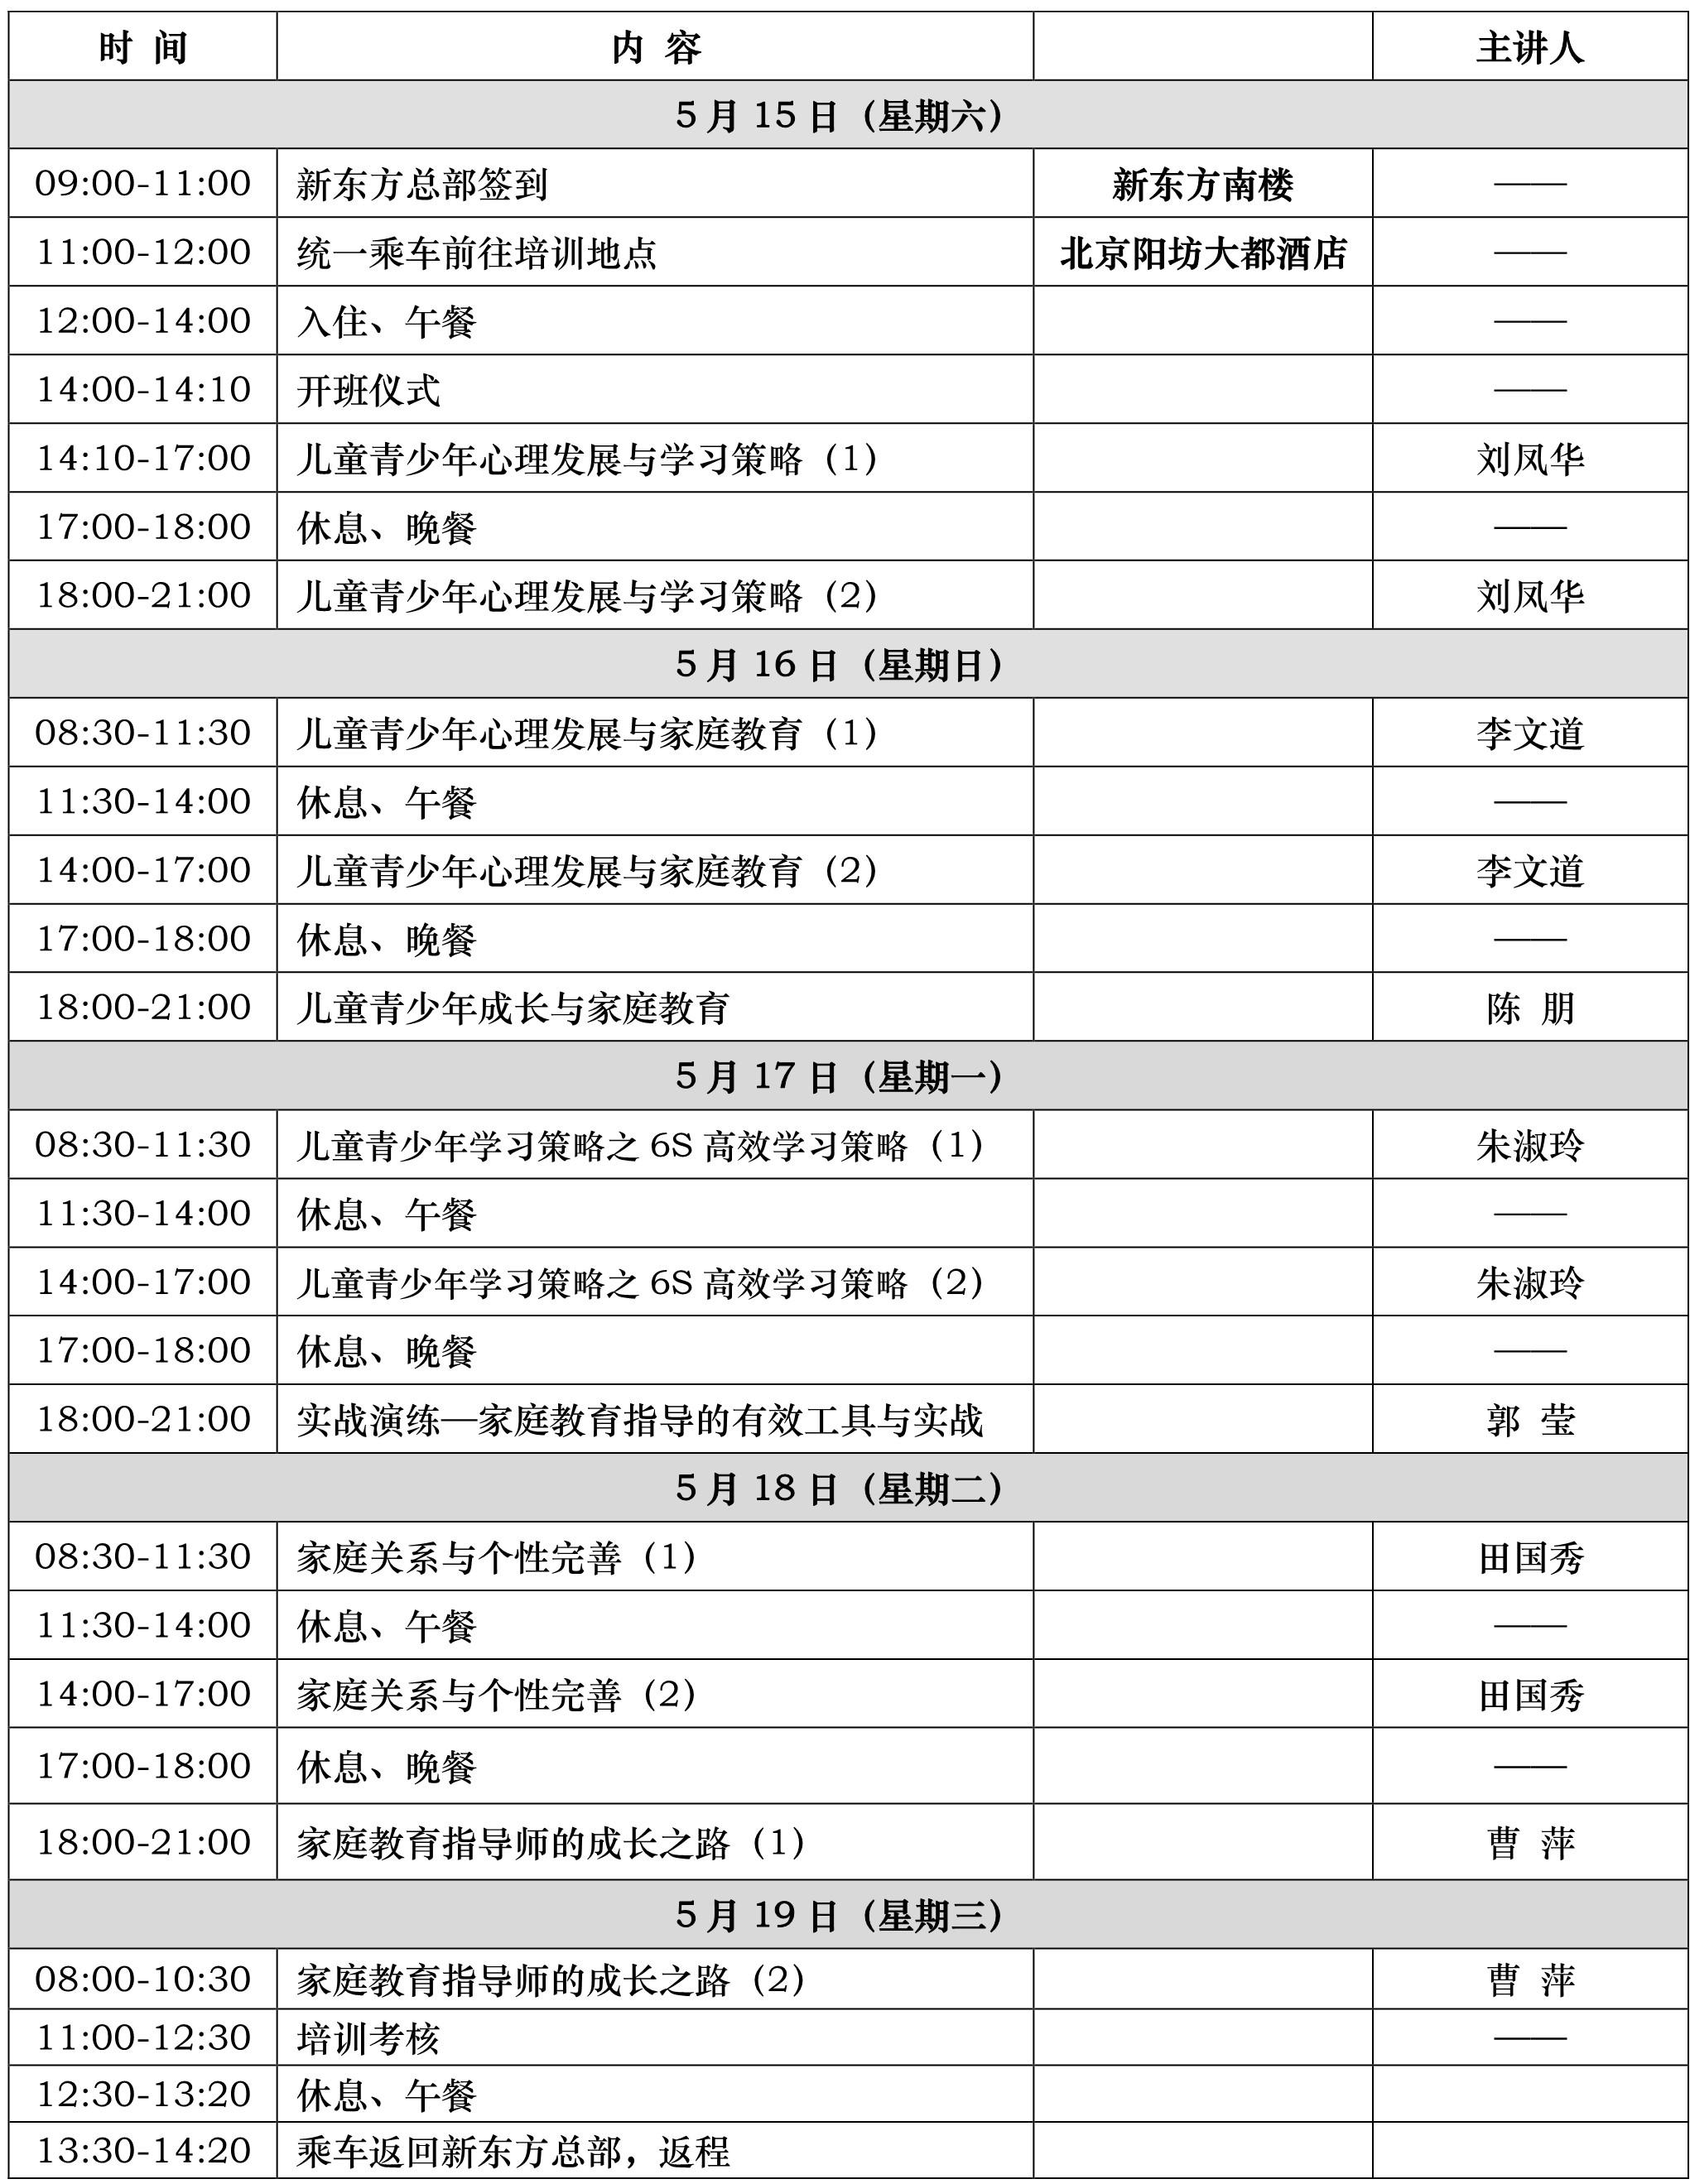 附件1:新东方第105期家庭教育指导师培训议程(5月班).jpg